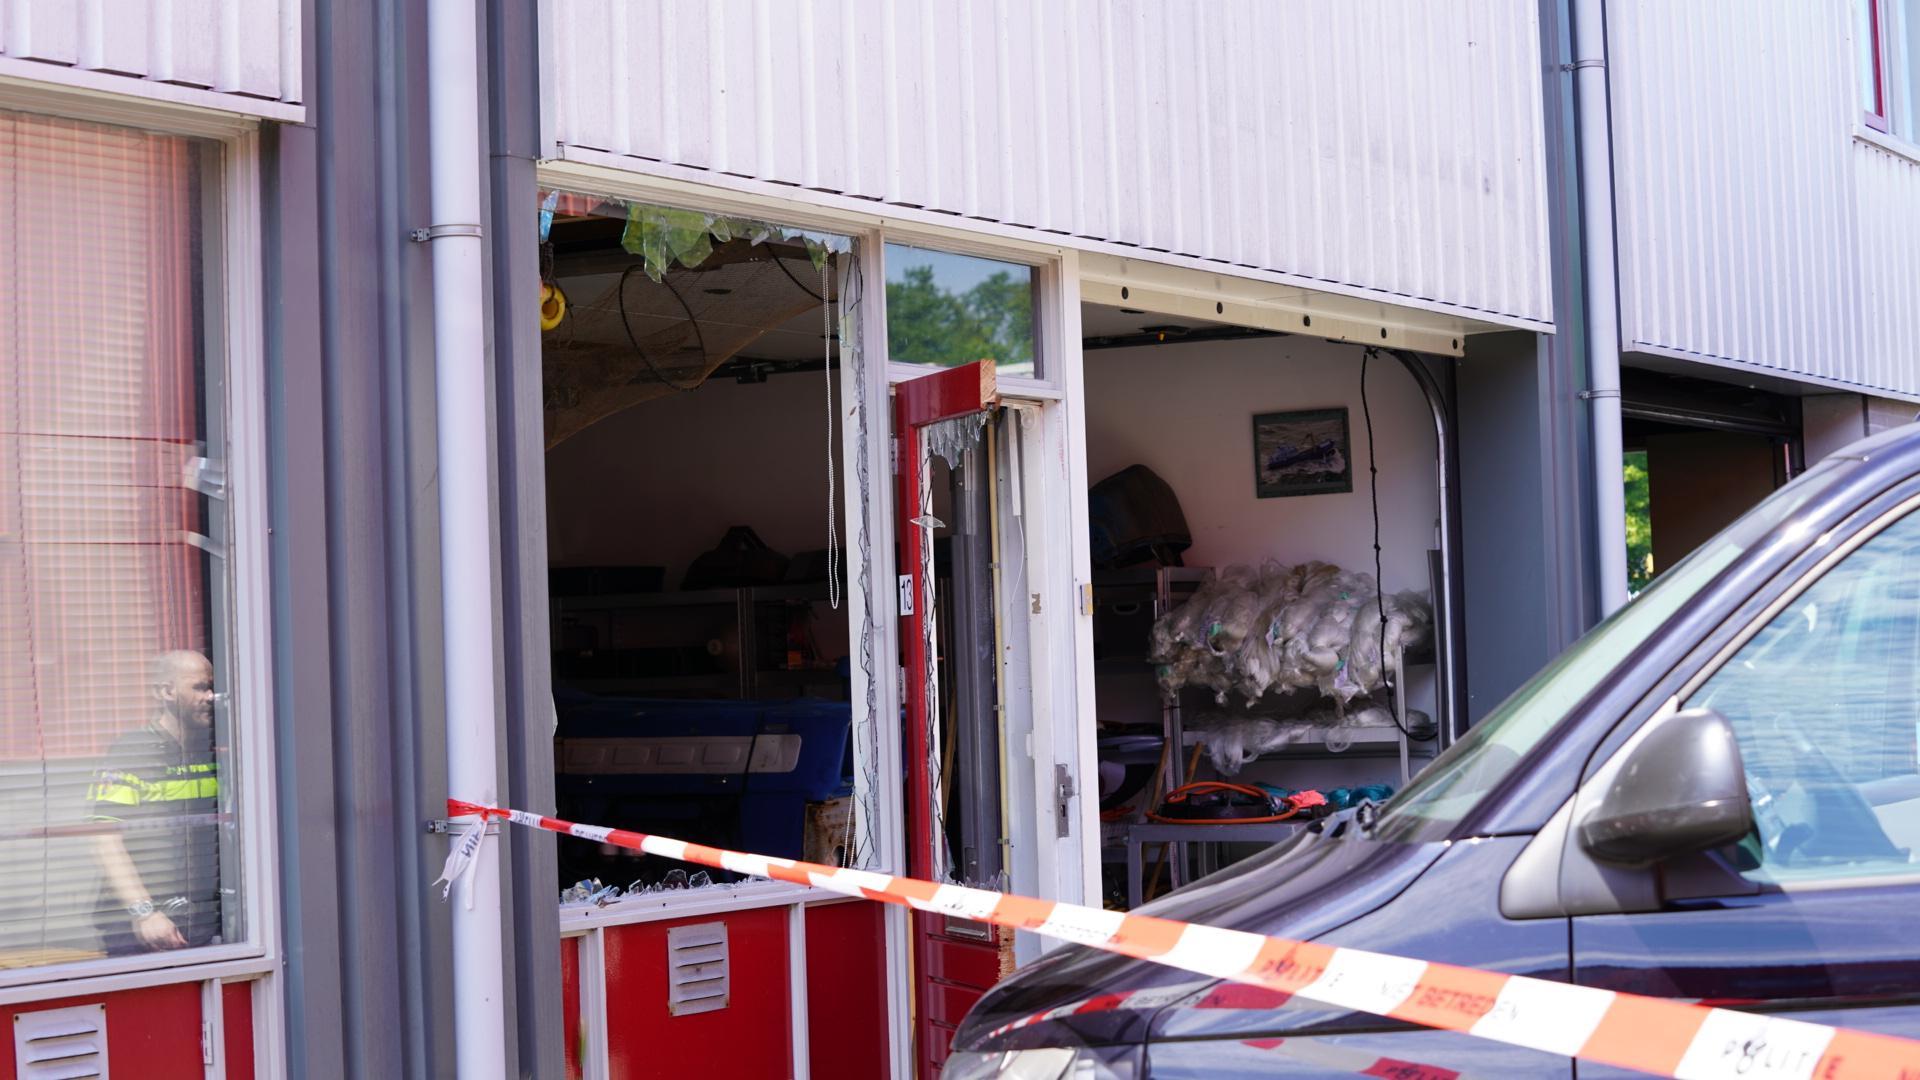 Drugslaboratoria ontmanteld in Akersloot en Heiloo na politie-invallen. De burgemeester is boos: 'Het is schandelijk dat mensen zich met deze praktijken bezig houden en pijnlijk dat mensen hierdoor in gevaar zijn gebracht'